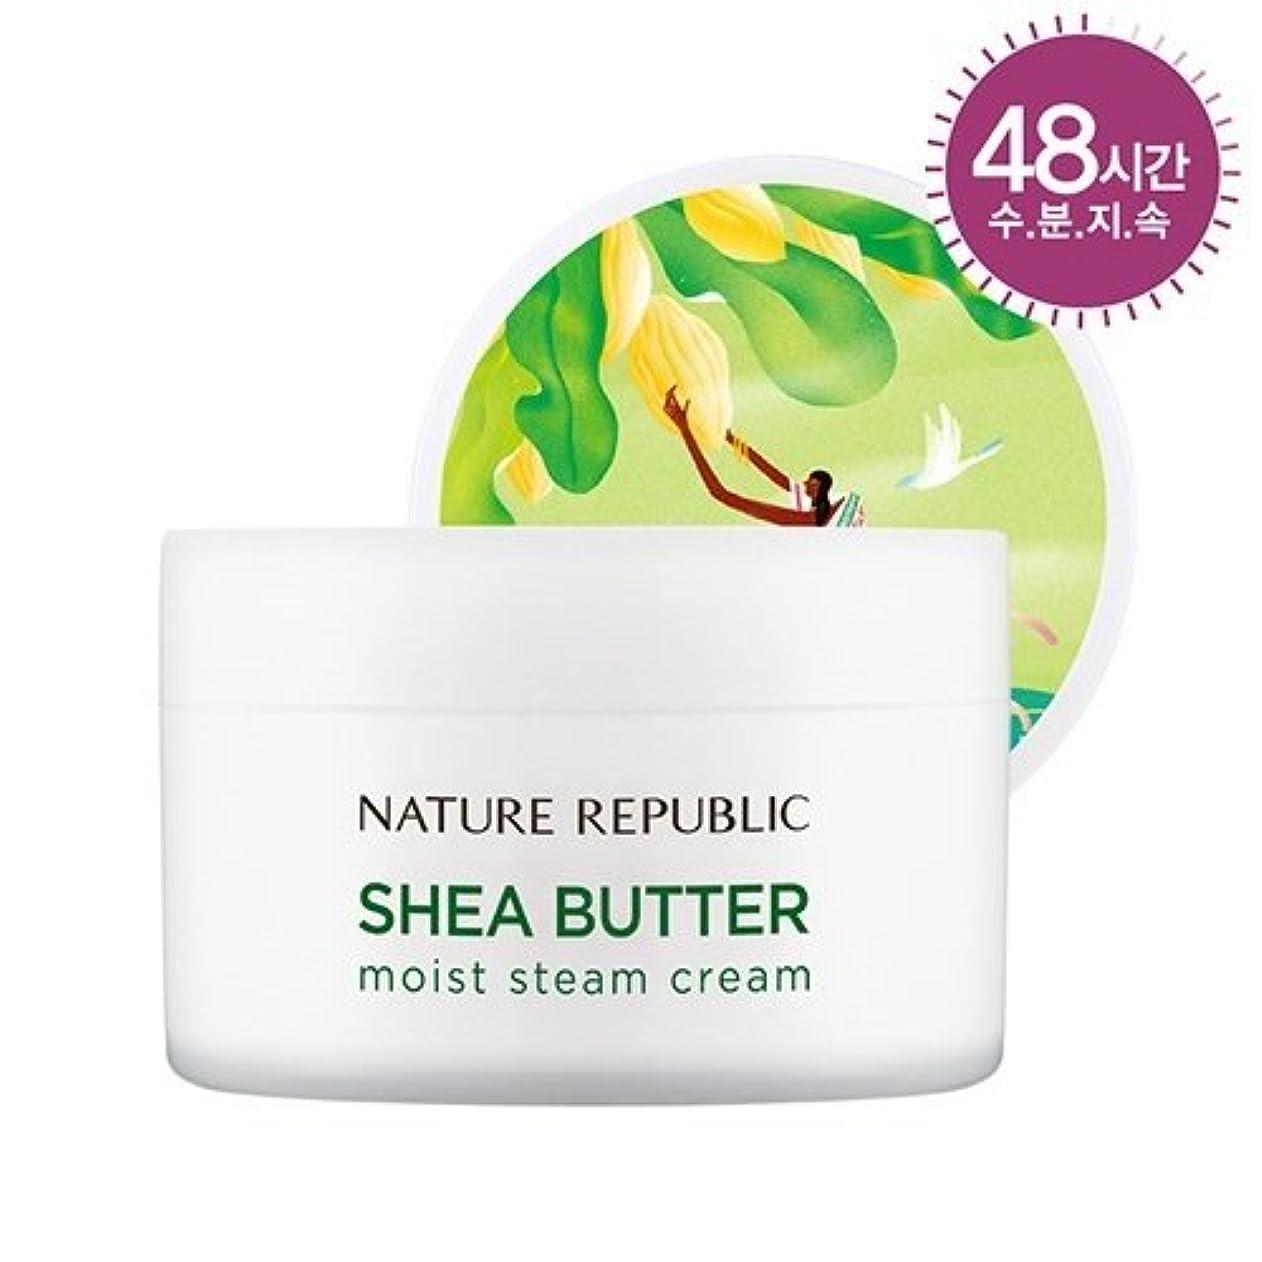 路地野なメンテナンスNATURE REPUBLIC(ネイチャーリパブリック) SHEA BUTTER STEAM CREAM シアバター スチーム クリーム #モイスト乾燥肌